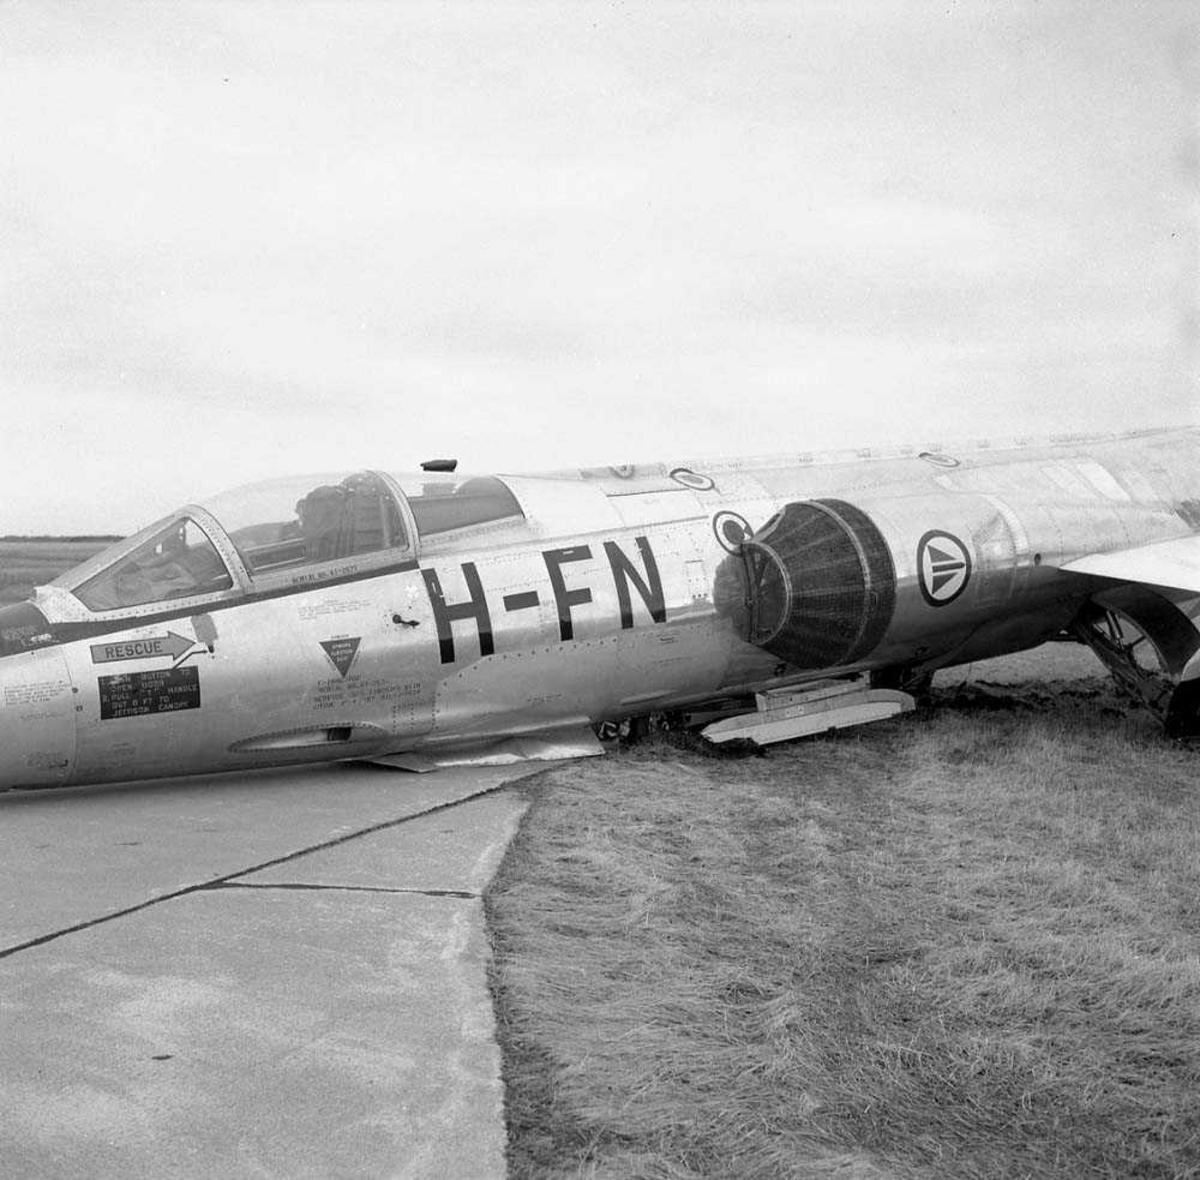 Næruhell med F-104-G Starfighter, kjennetegn FN-H, med tail nr. 631, tilhørende 331 skvadron på Bodø flystasjon.